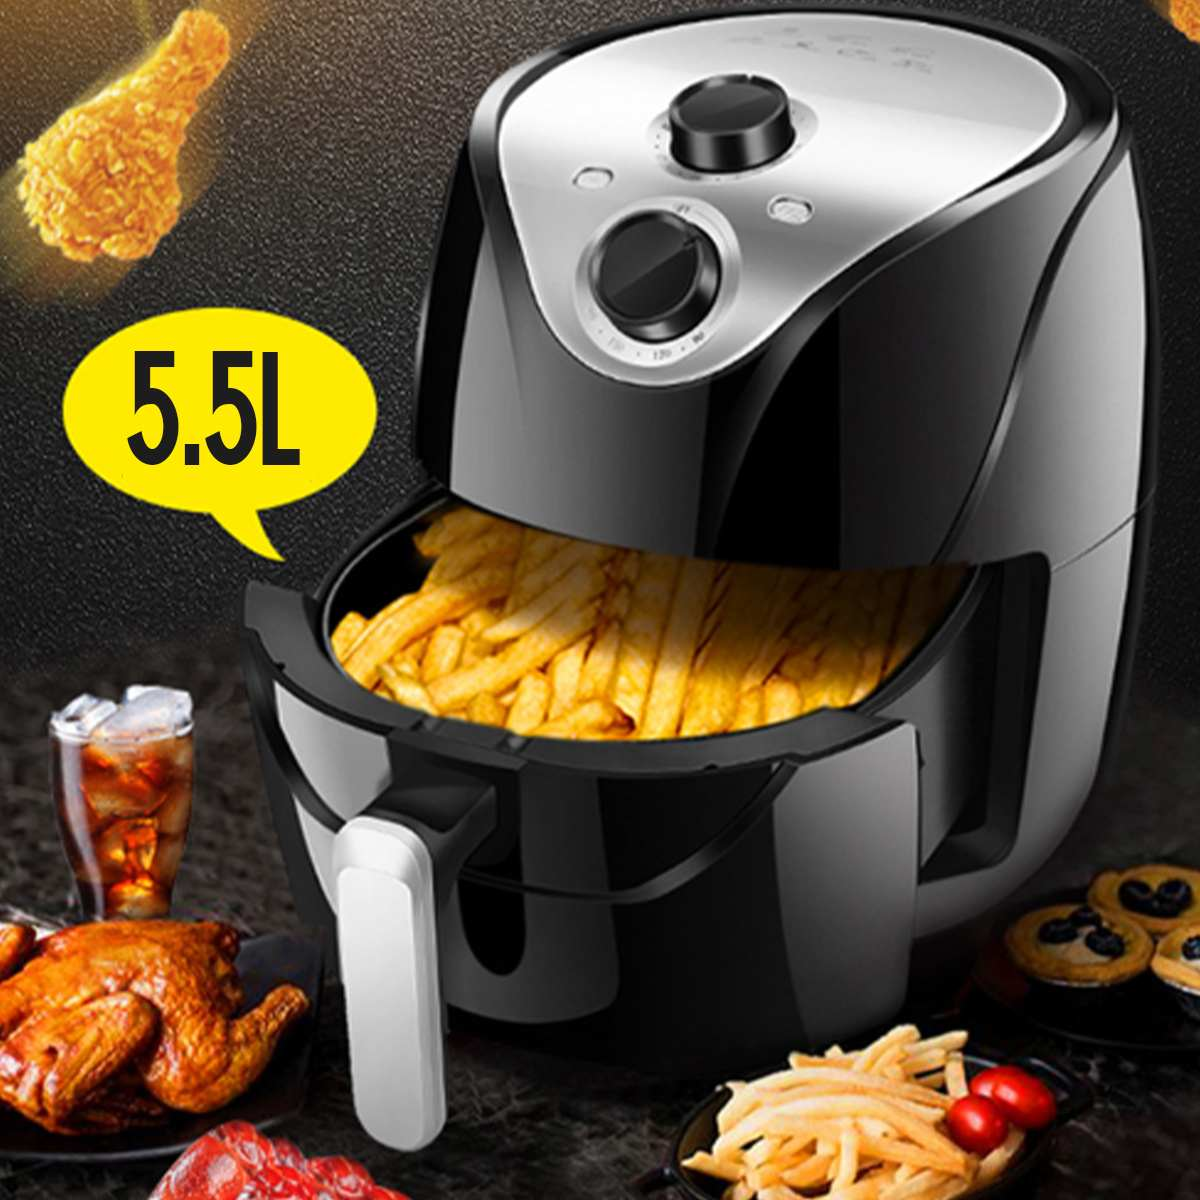 Friteuse à Air friteuse électrique 1500W 220V 5.5L 360 ° haute vitesse Circulation d'air chaud multifonction cuisinière four faible en gras santé Pan - 2